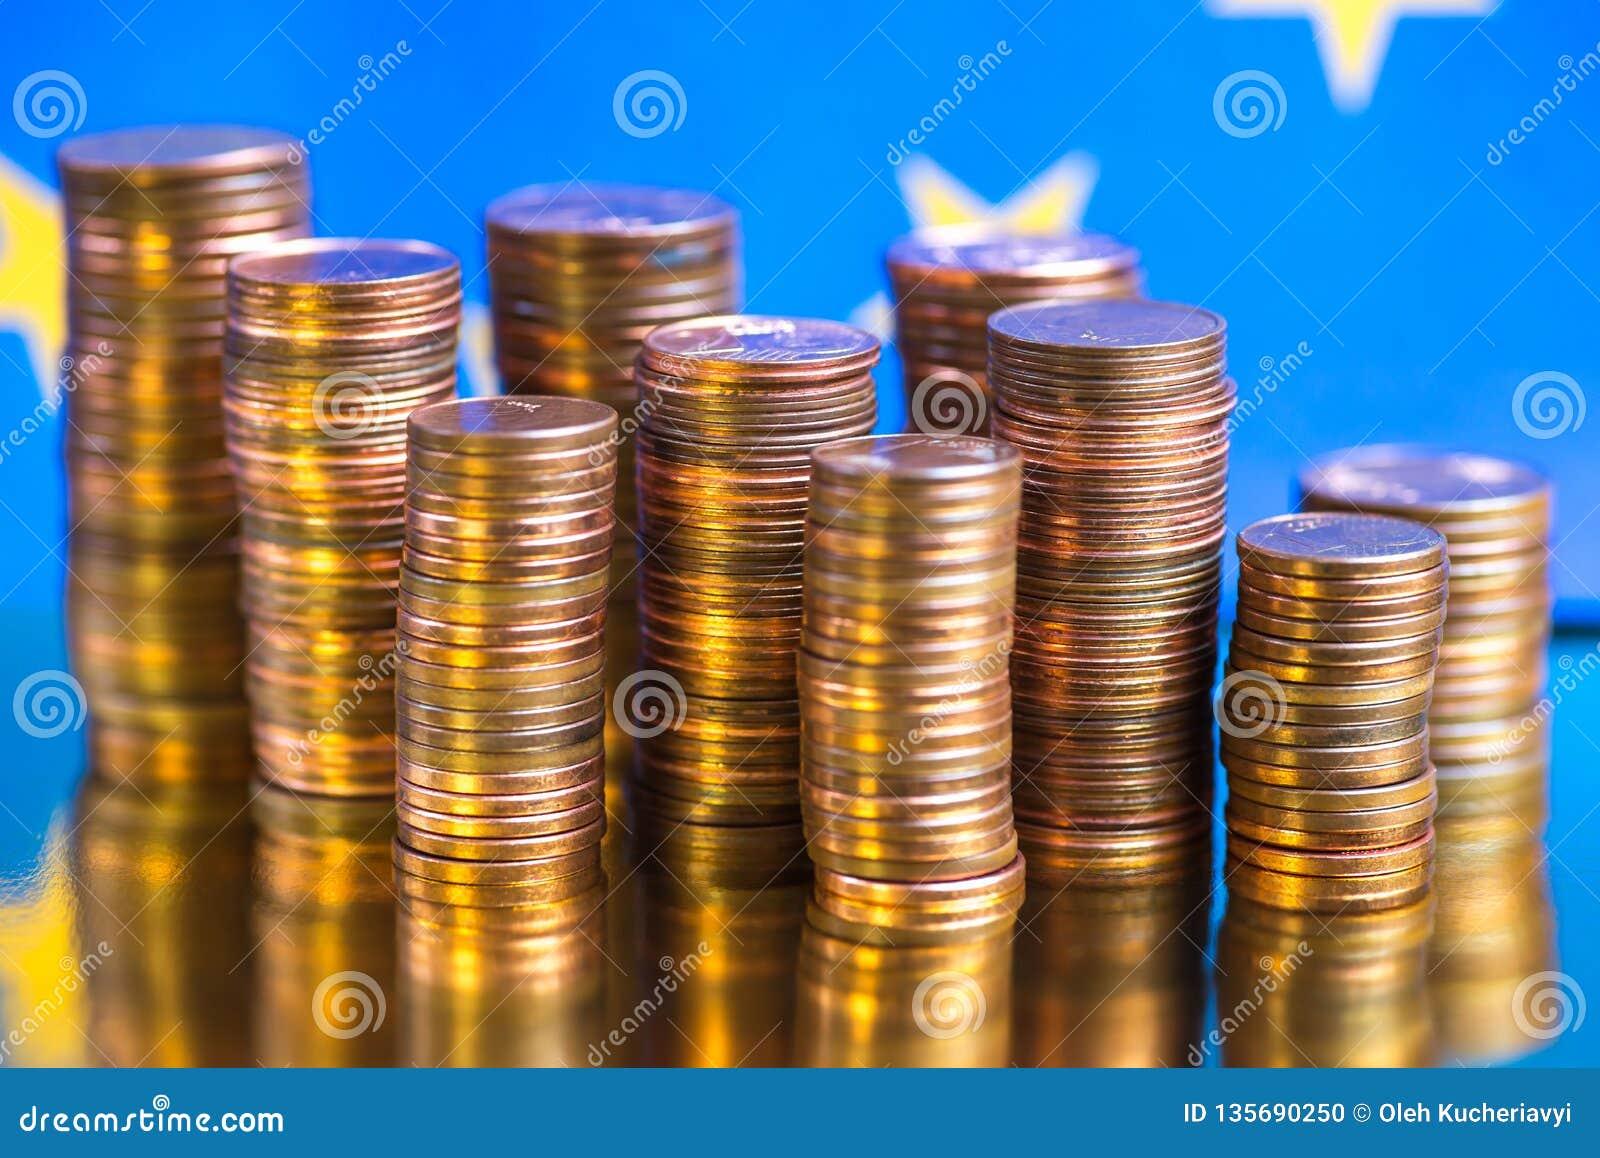 Ciérrese para arriba de monedas euro en fondo azul